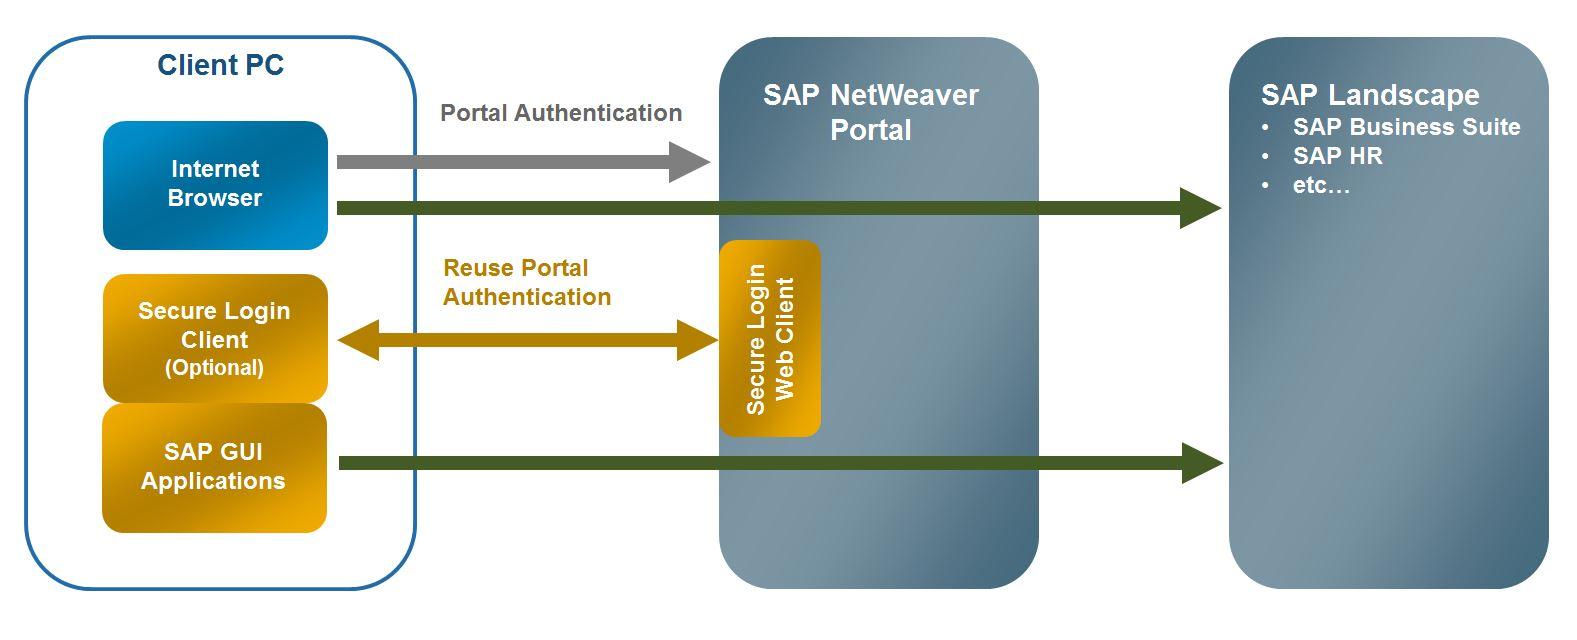 Secure Client Portals